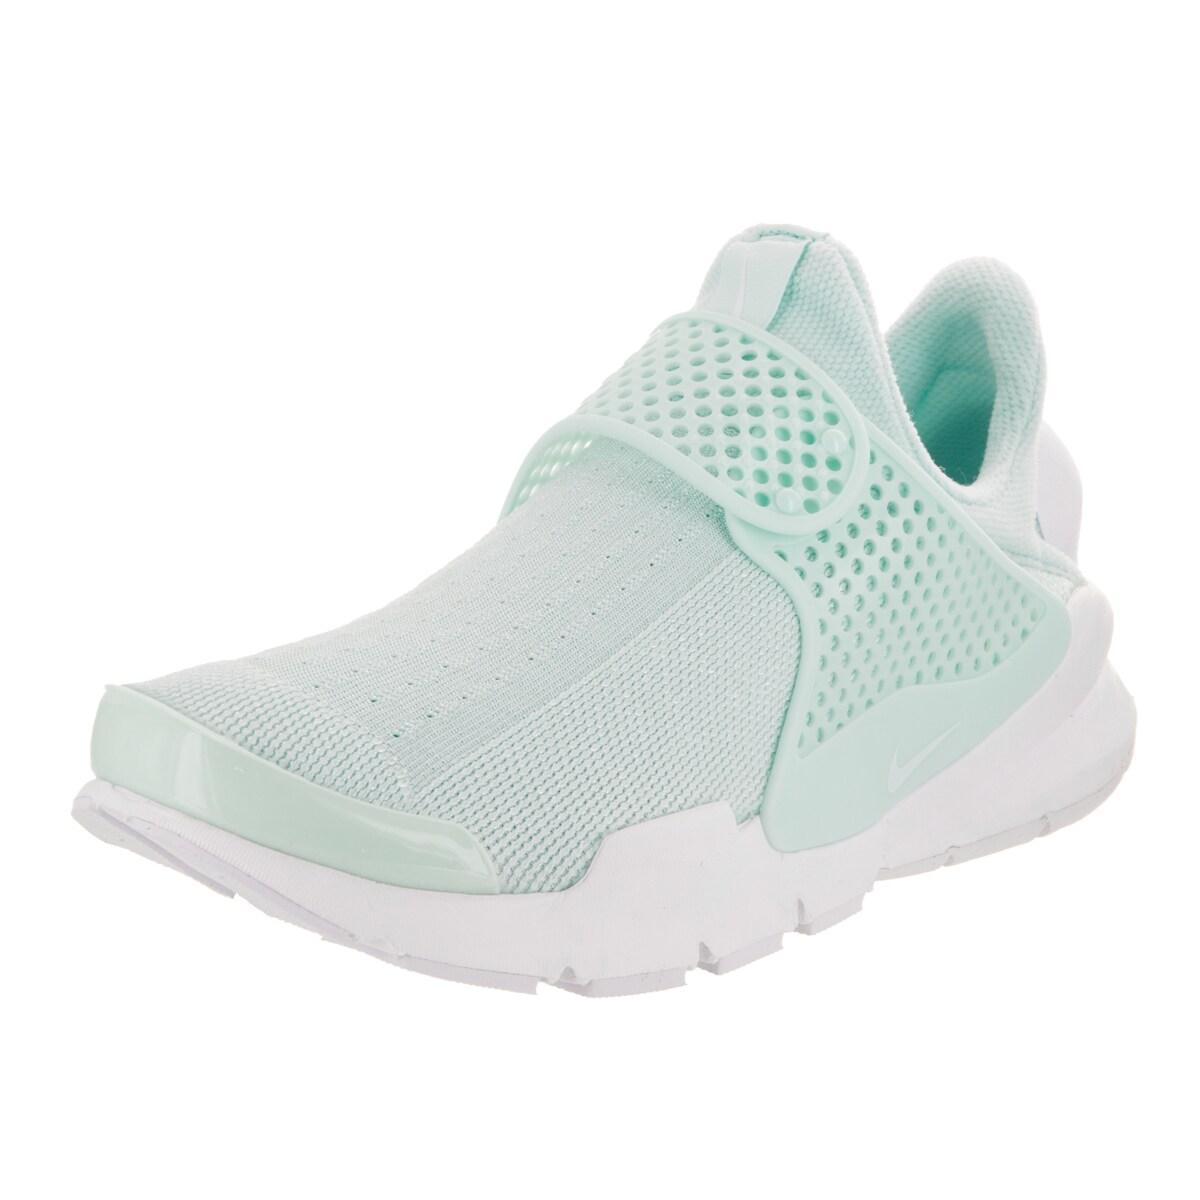 Nike Women's Sock Dart White and Blue Textile Running Sho...